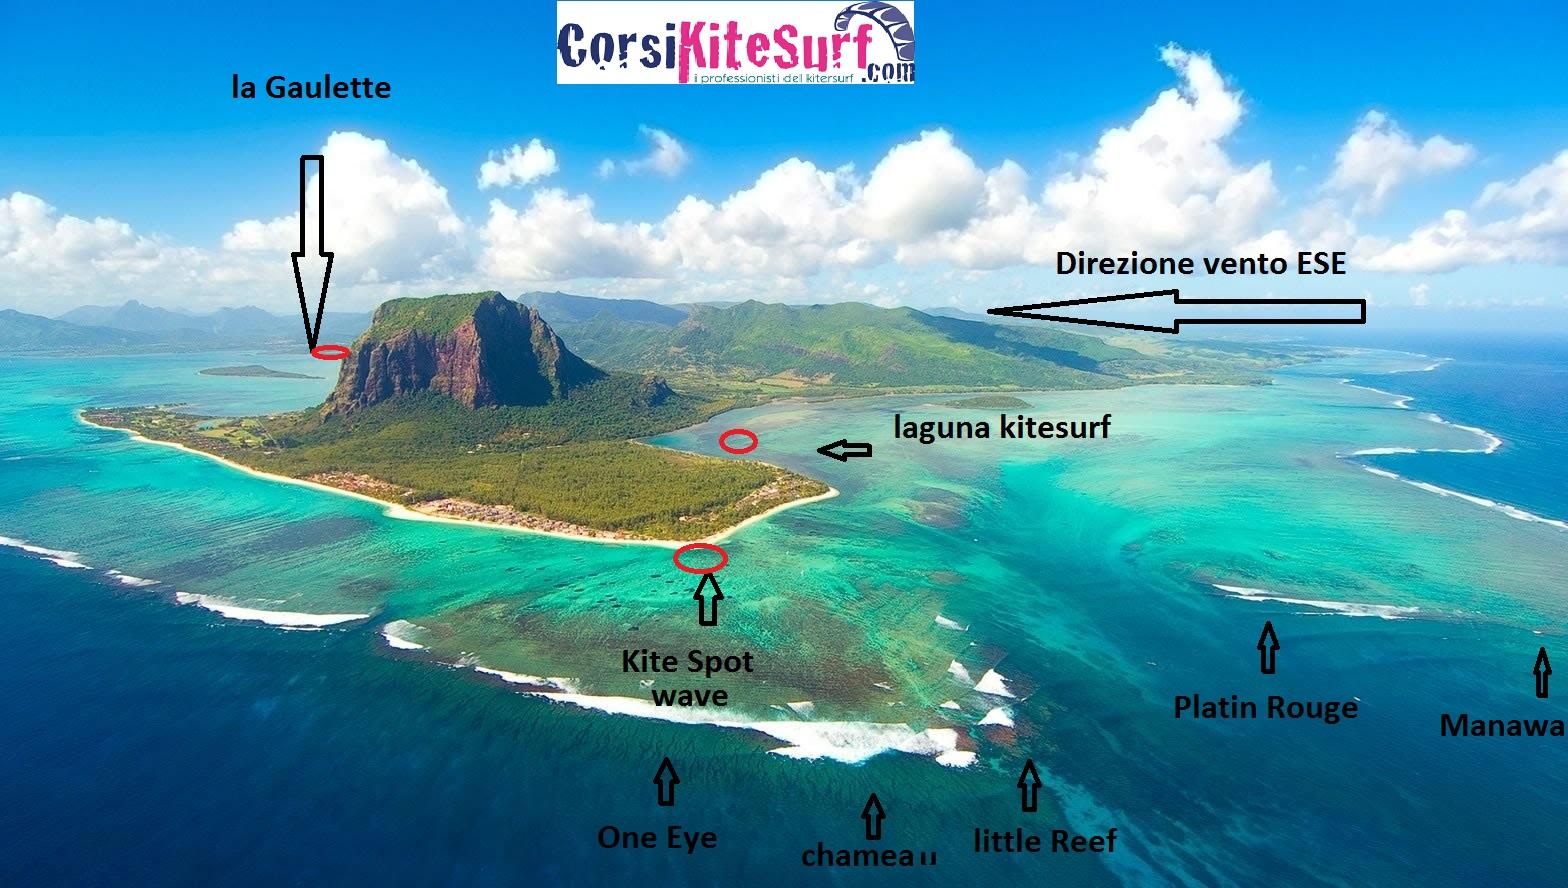 le-morne-mauritius-kite-trip-viaggio-kite-2017-settembre-ottobre-wave-riding-spot-ese